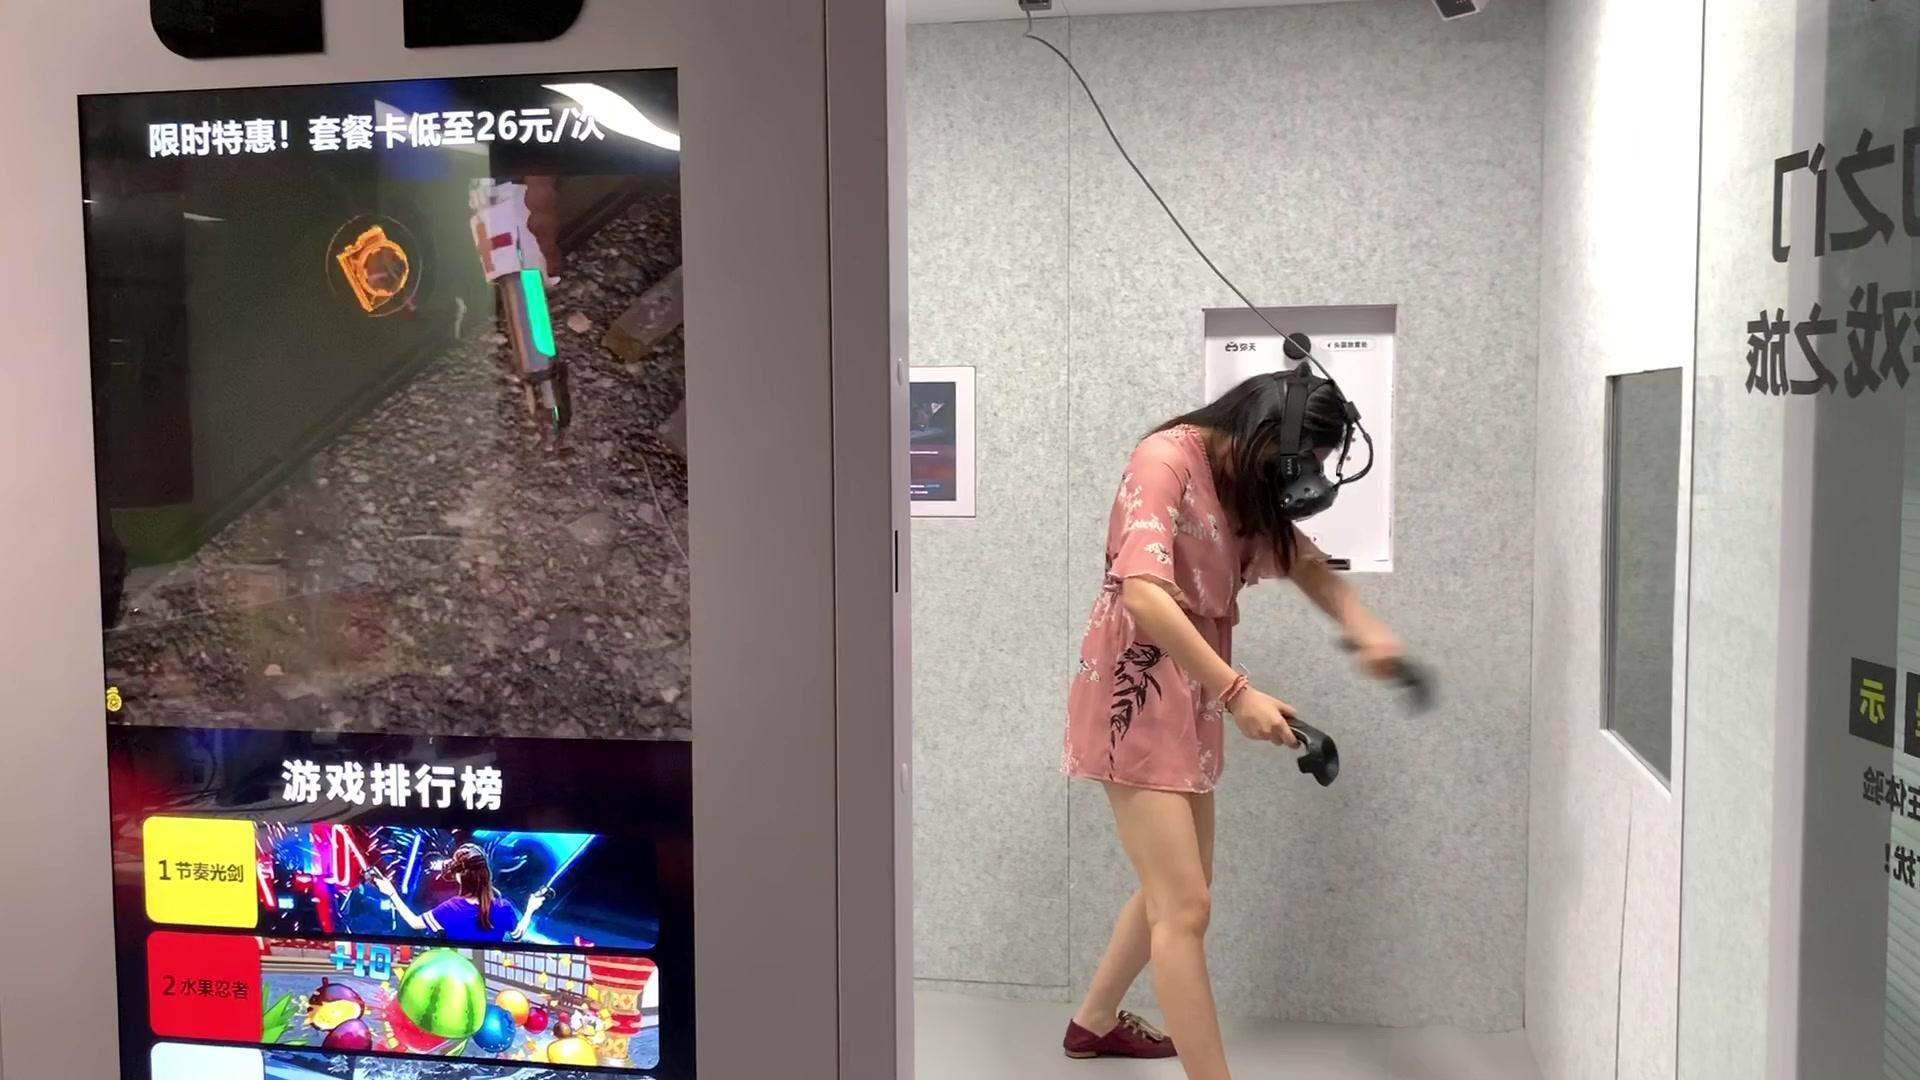 【弥天VR】玩《Alyx半衰期》的铁憨憨-万万没想到被加血难死了